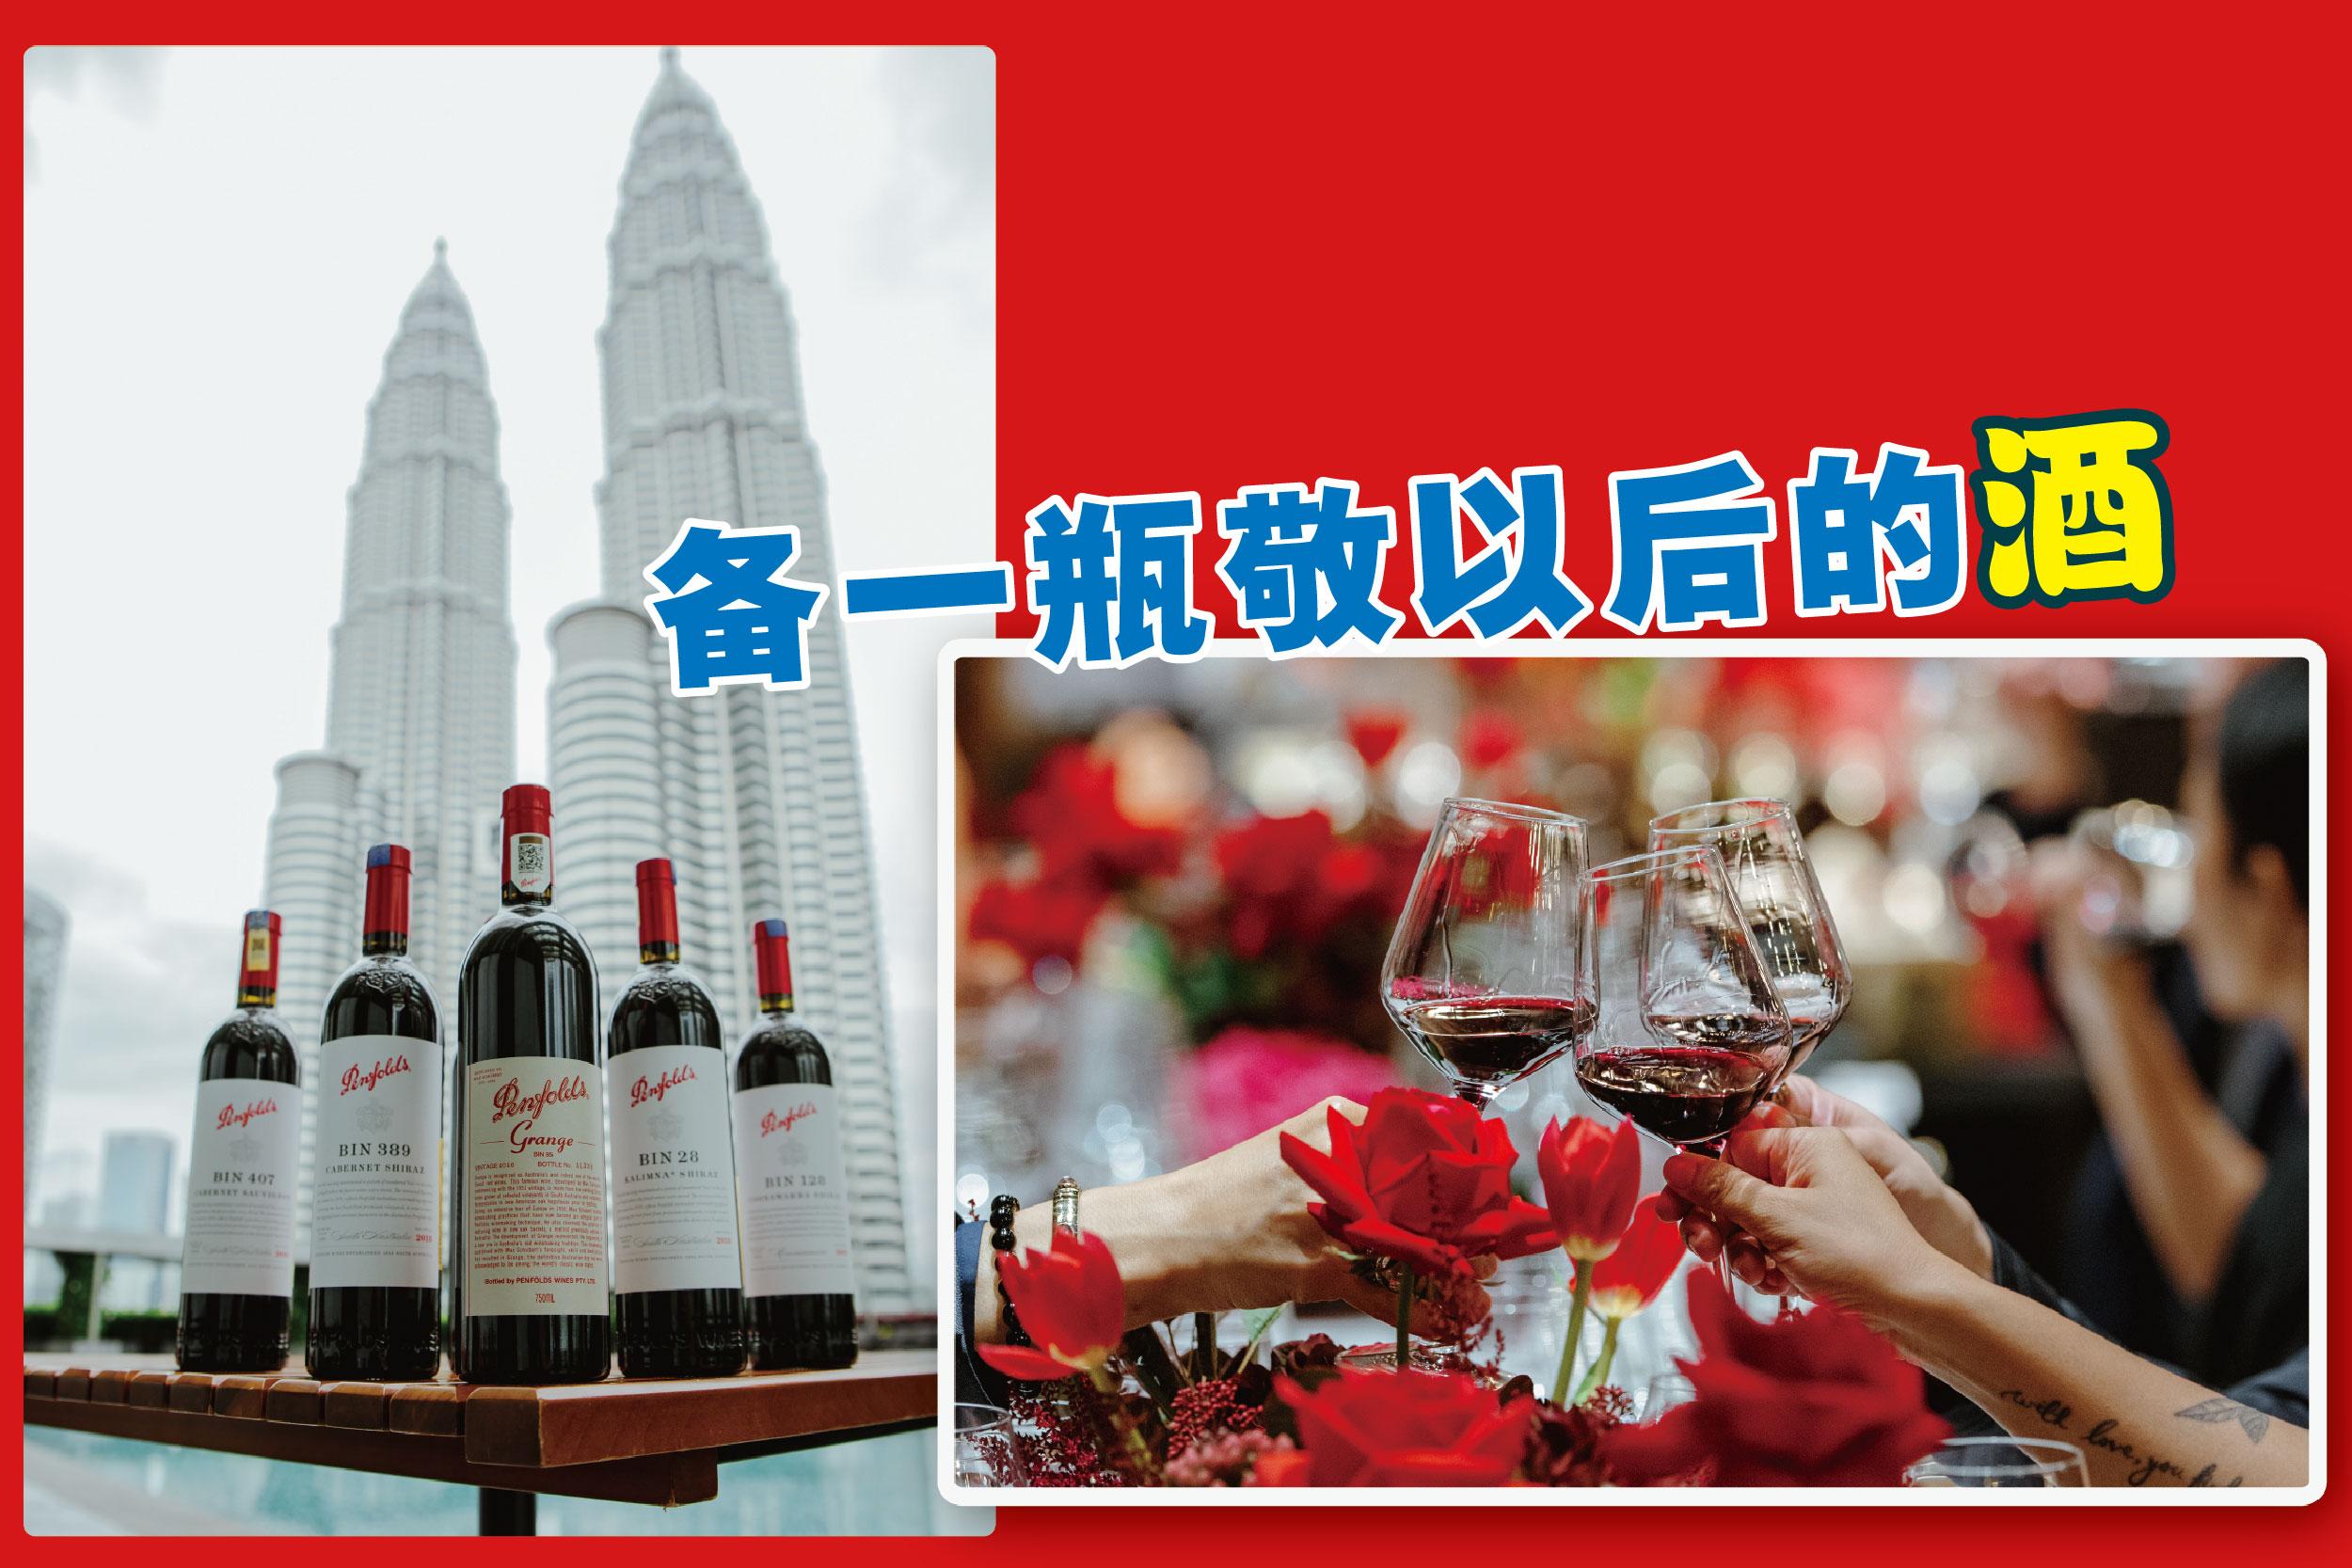 奔富共发布了6款2020年珍藏系列酒款,其中包括其中包括该品牌的旗舰红酒 Grange(2016年份),以及畅销的Bin 389 (2018年份)。-主办方供图-